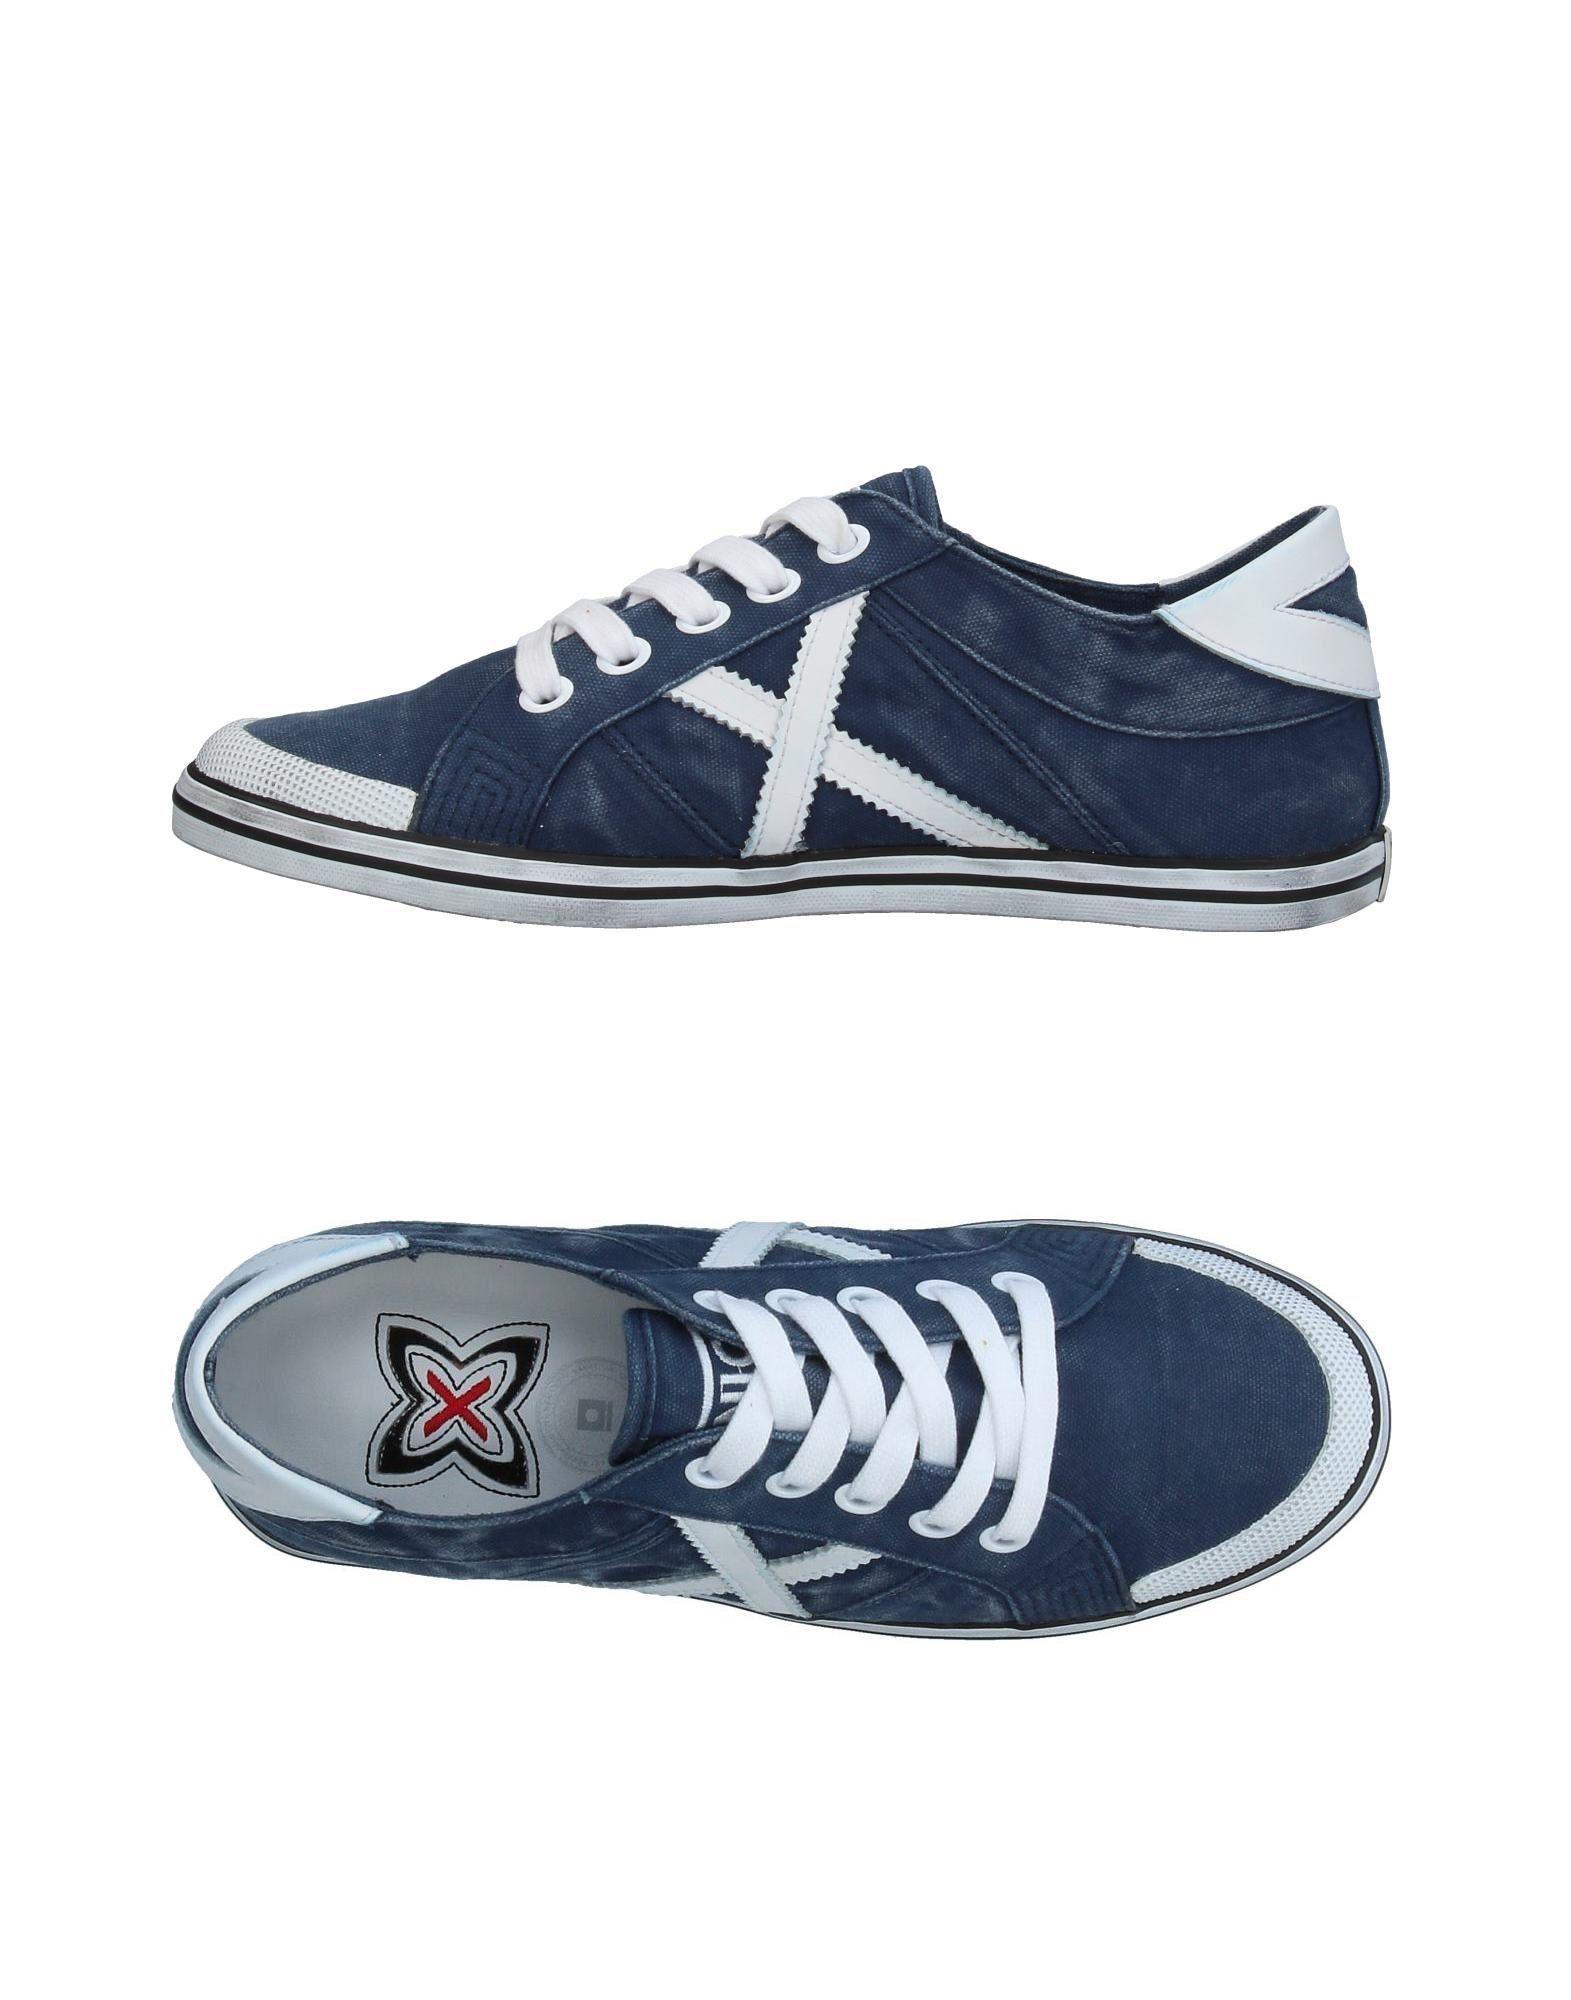 MUNICH Damen Low Sneakers & Tennisschuhe Farbe Blau Größe 7 jetzt billiger kaufen